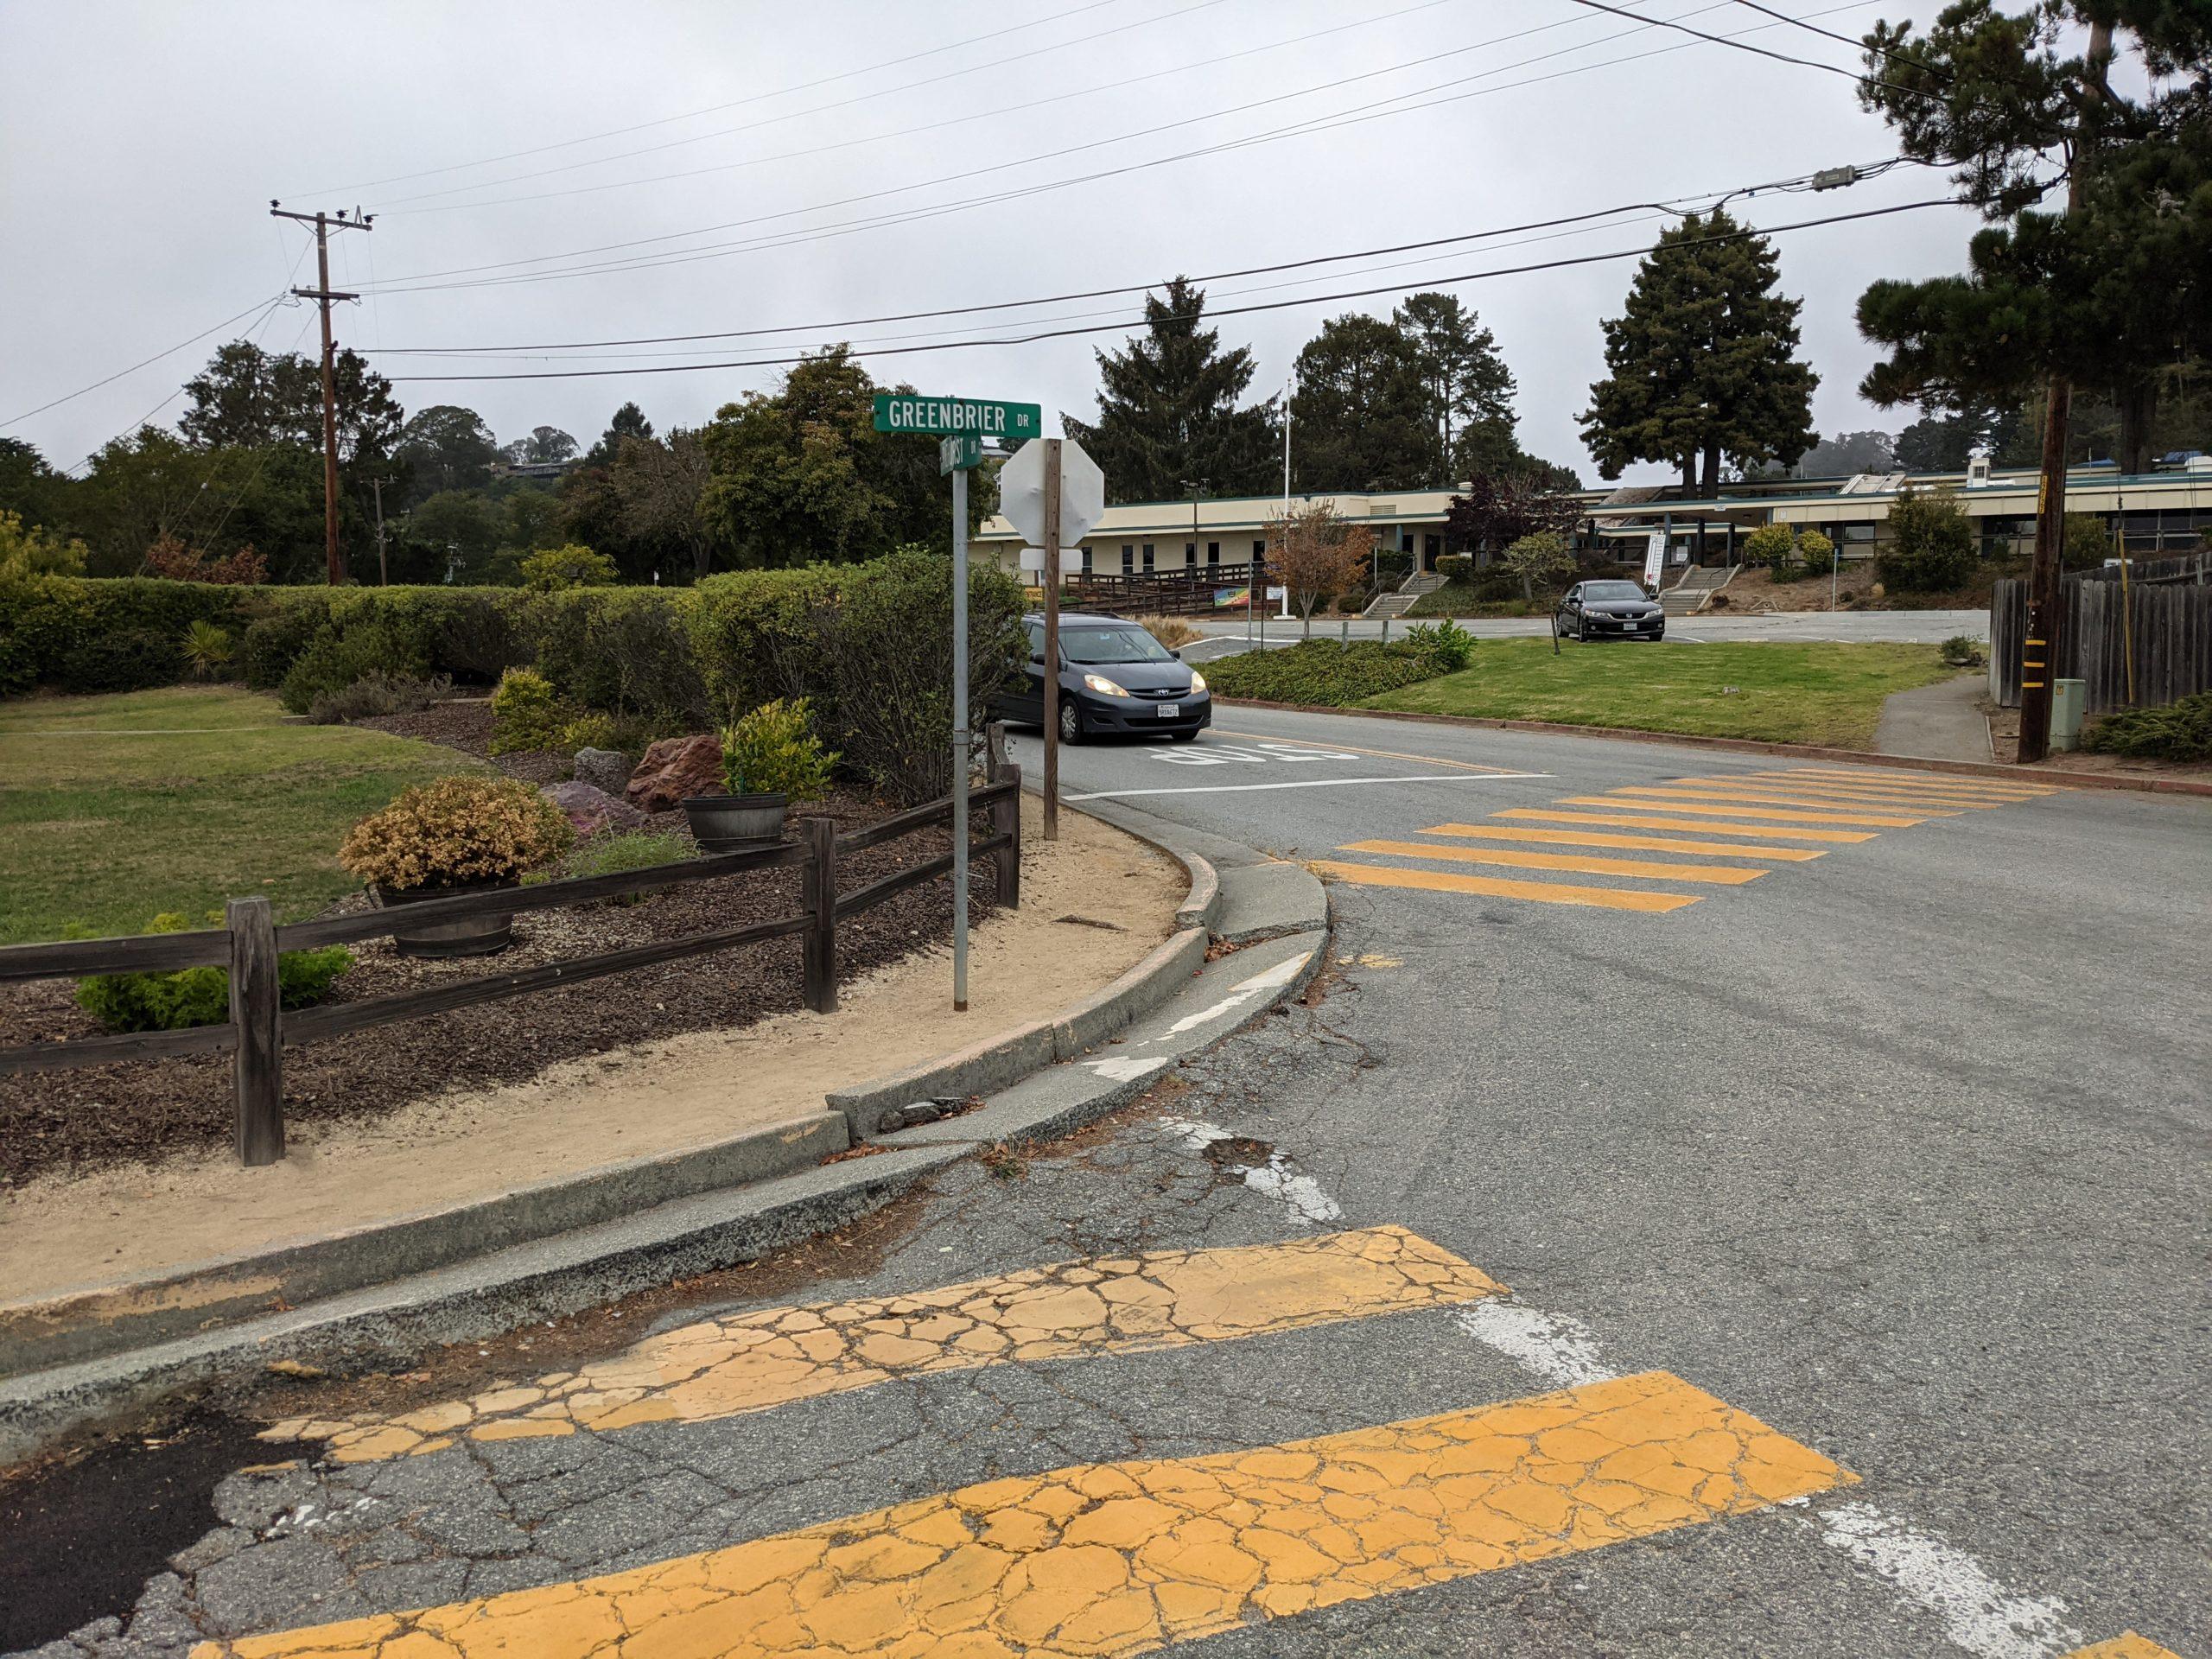 Some roads near Rio Del Mar Elementary School have sidewalks, others don't. (Stephen Baxter — Santa Cruz Local)